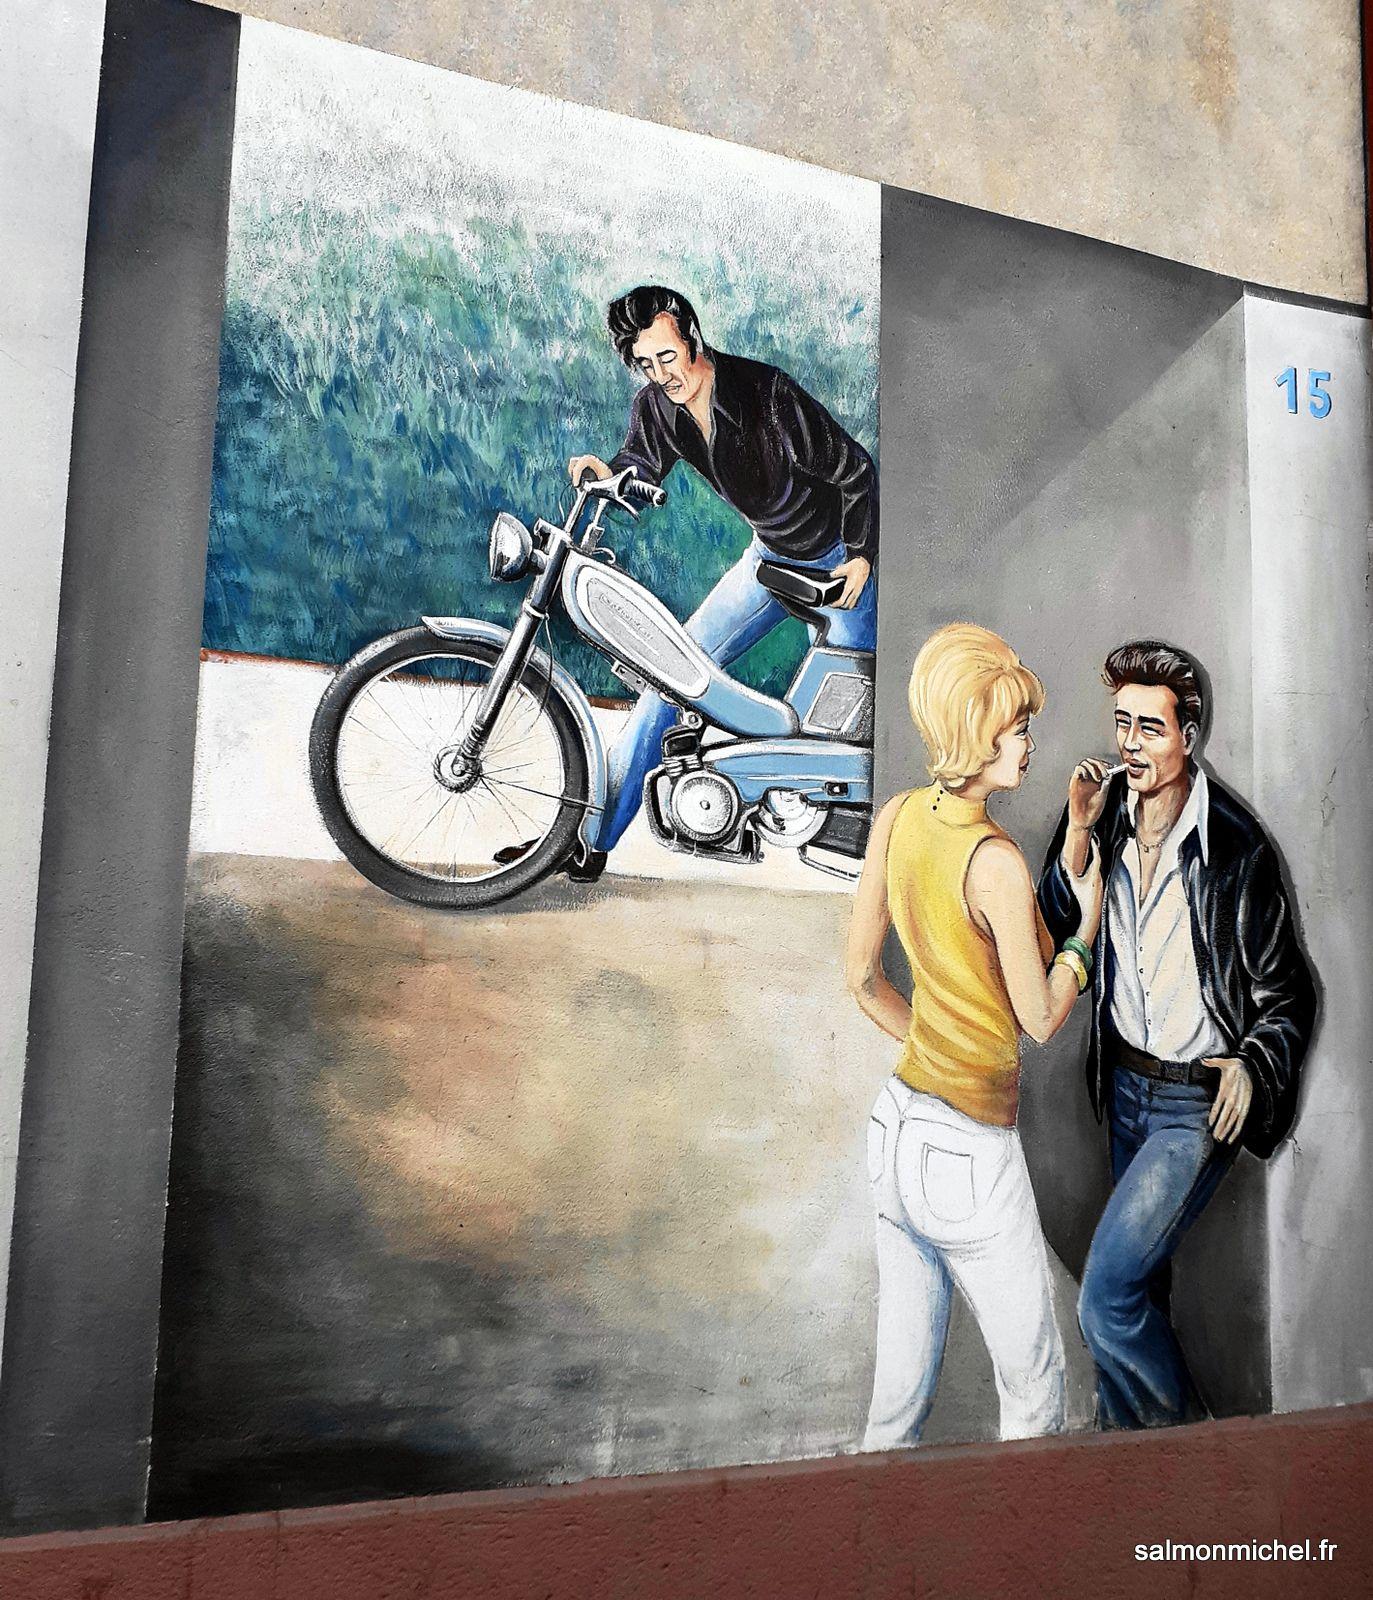 """Image du mur peint du dépôt TCL """"Les Pins"""" Av. Lacassagne Lyon 3ème 19/08/2021"""